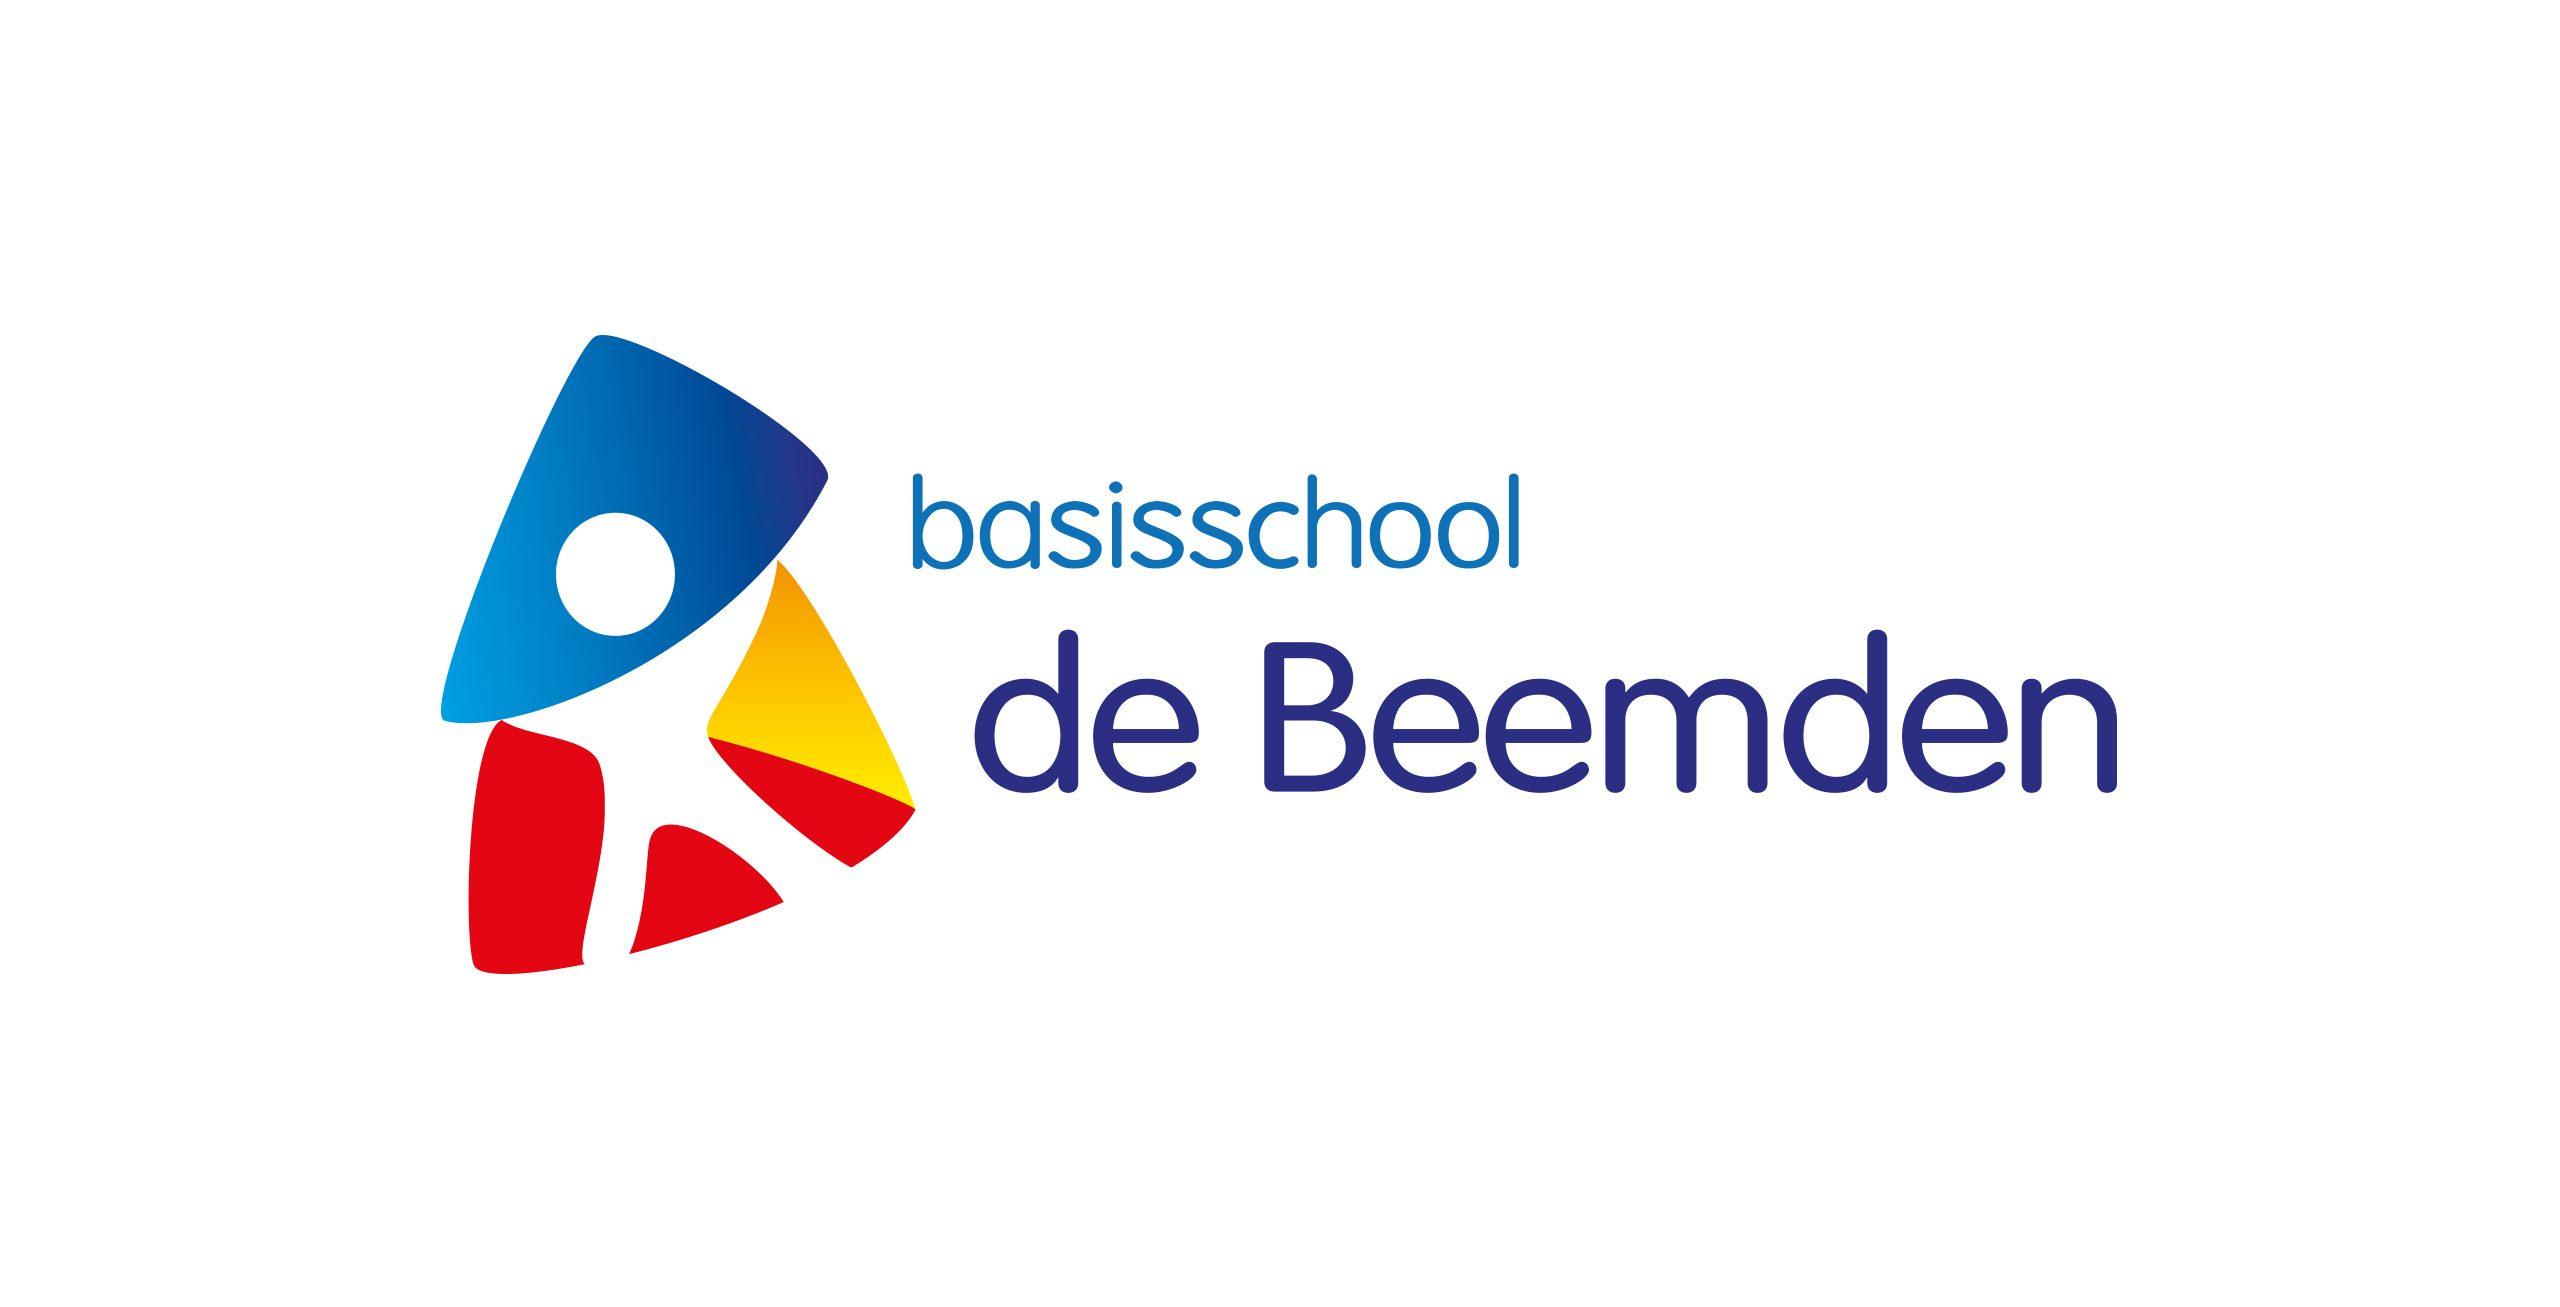 LR_basisschool-de-beemden-logos-2560x1500